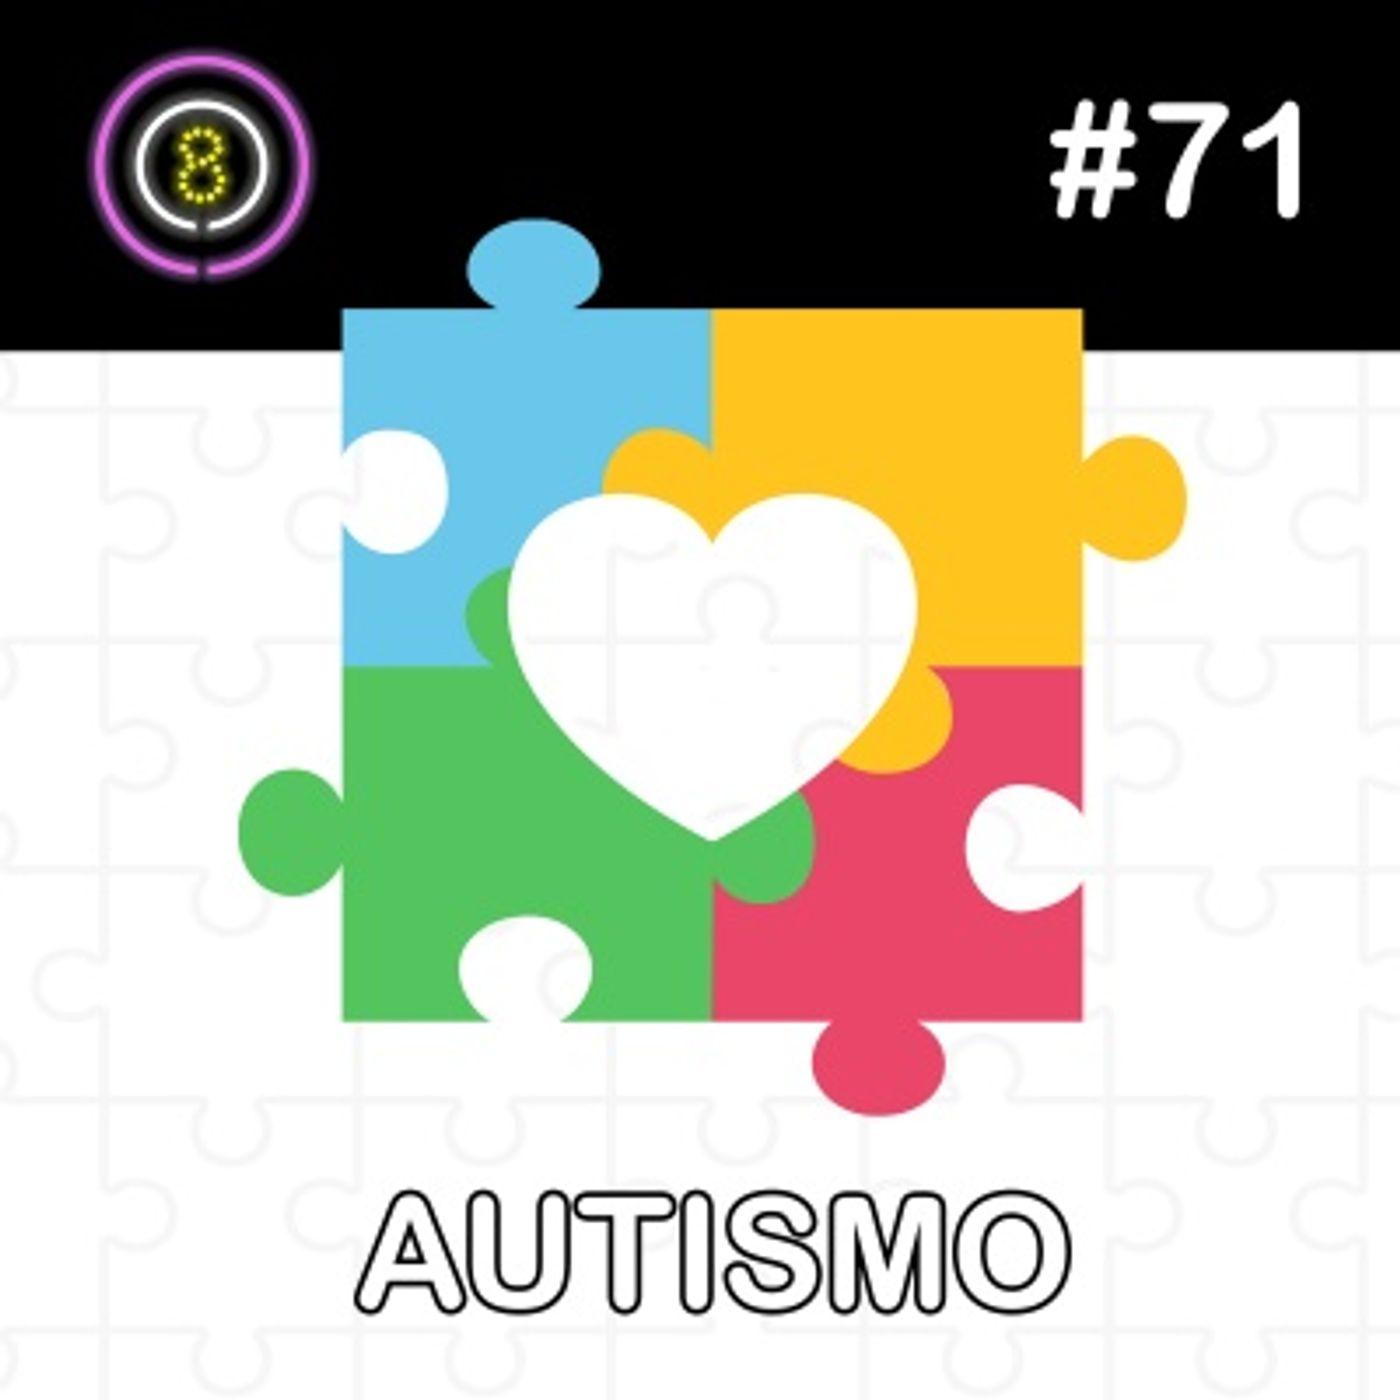 #71 - Autismo